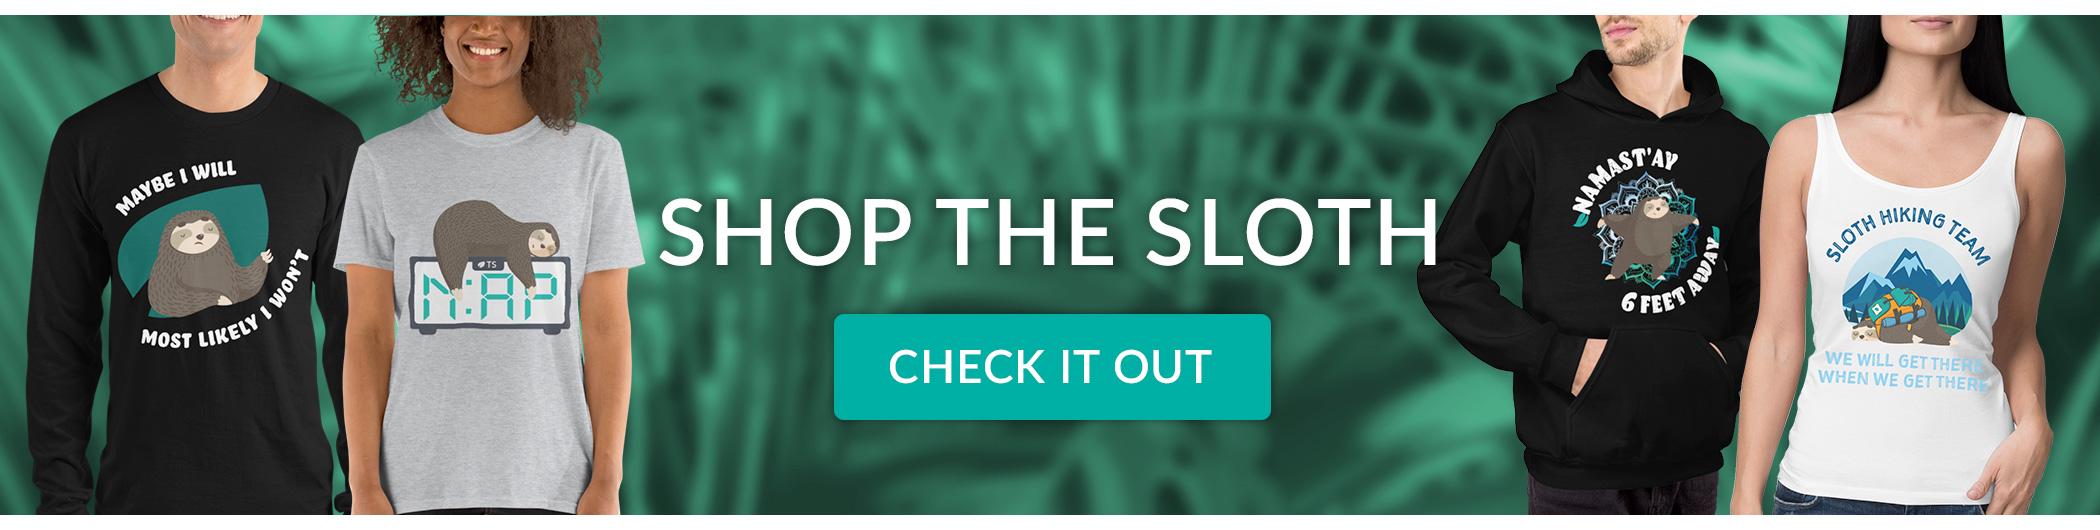 Trending Sloth Shop Banner